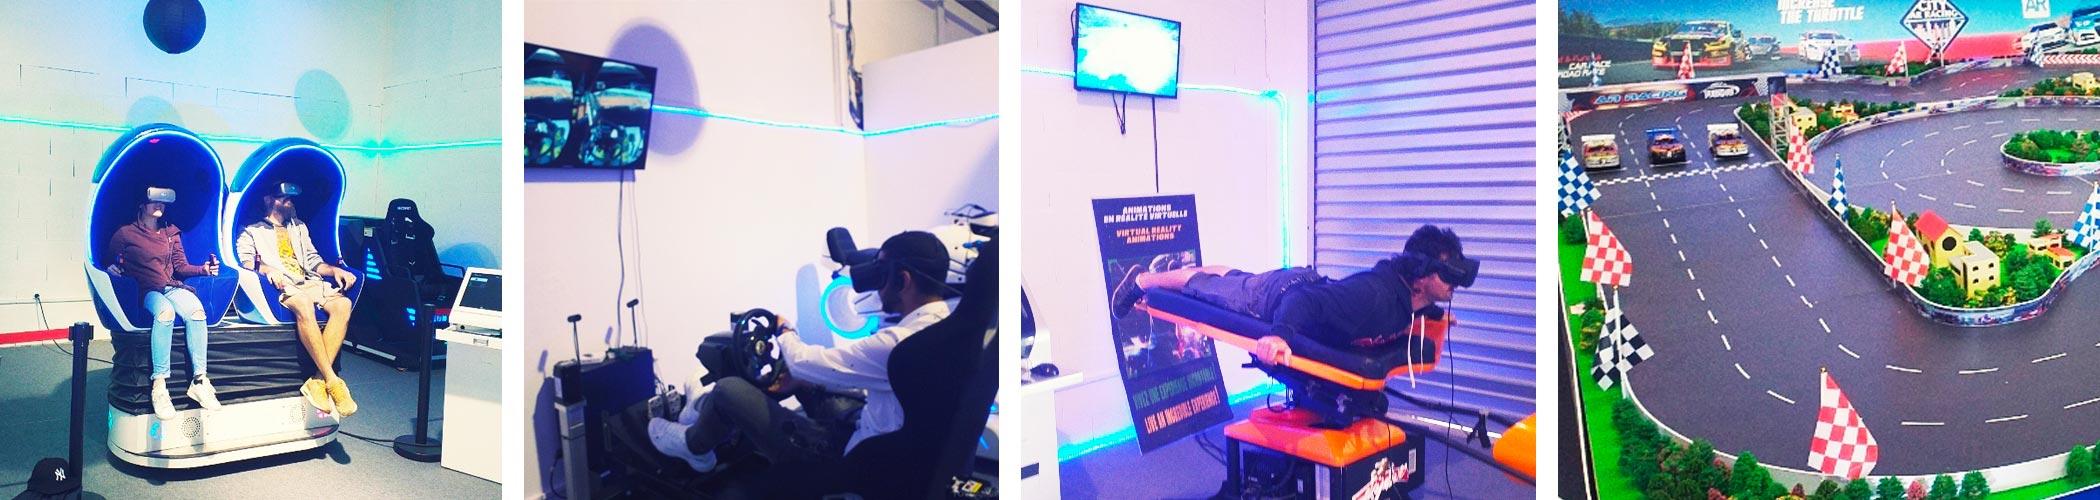 Ouverture de 2 salles de jeux challenge et réalité virtuelle